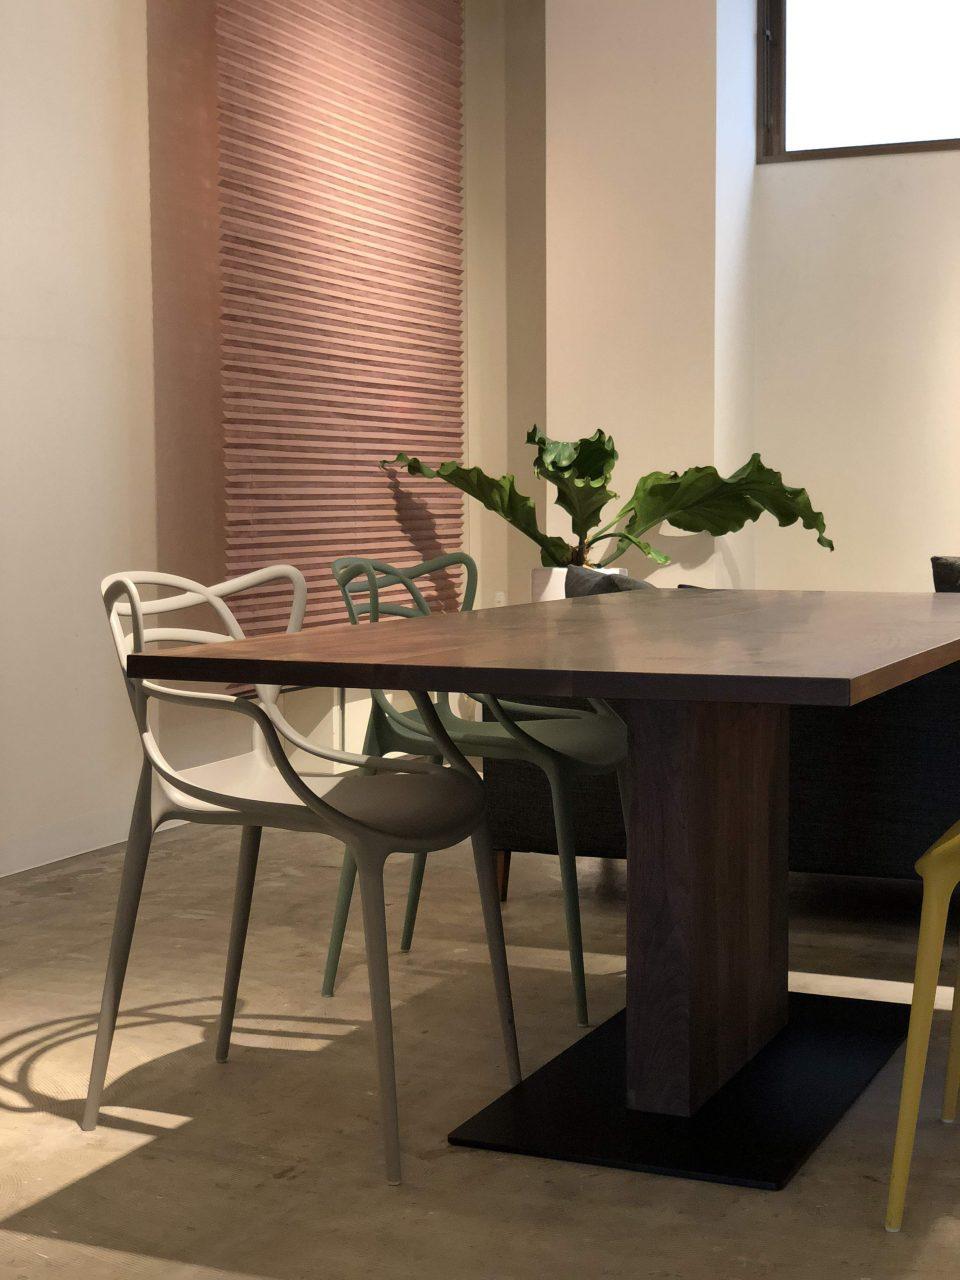 カルテルのマスターズにもぴったりなウォールナット無垢材のダイニングテーブルです